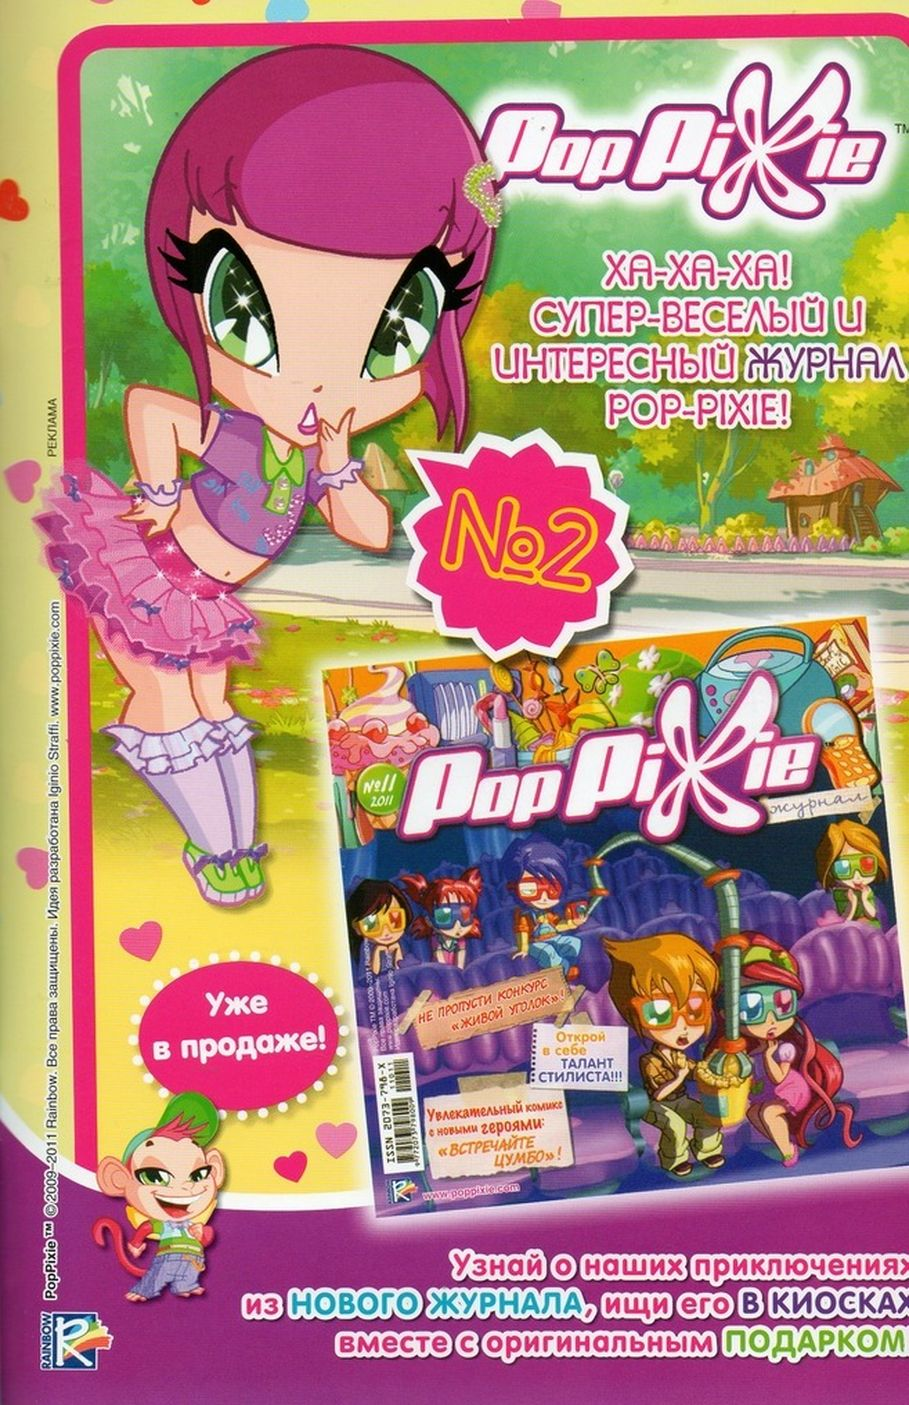 Комикс Винкс Winx - Каменные великаны (Журнал Винкс №11 2011) - стр. 63